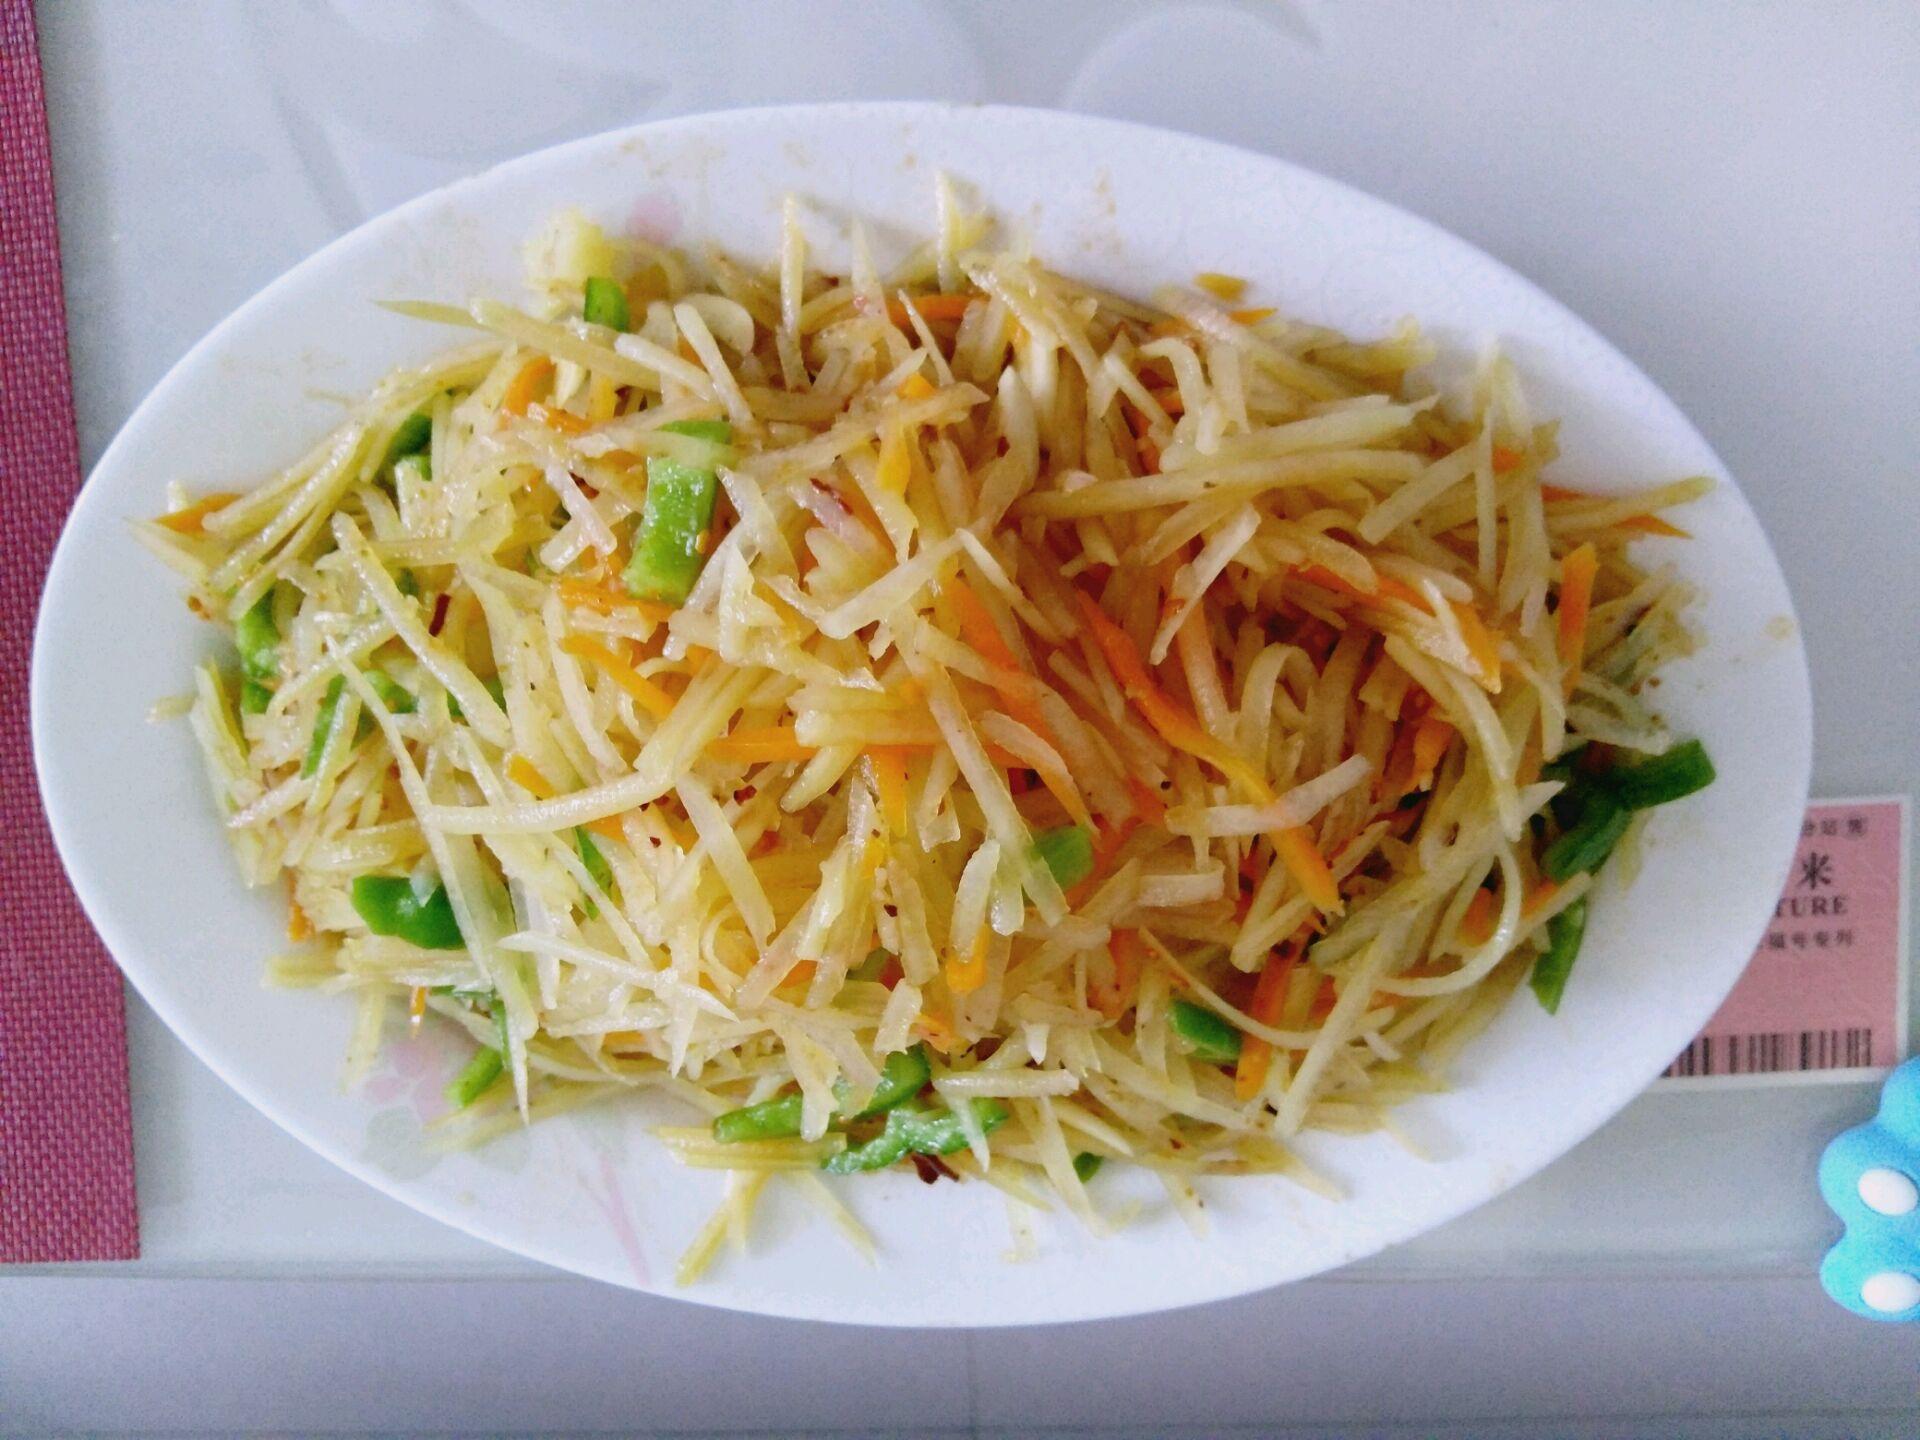 炒菜煲汤临锅时加入提鲜不口干 东北菜之炝拌土豆丝的做法步骤